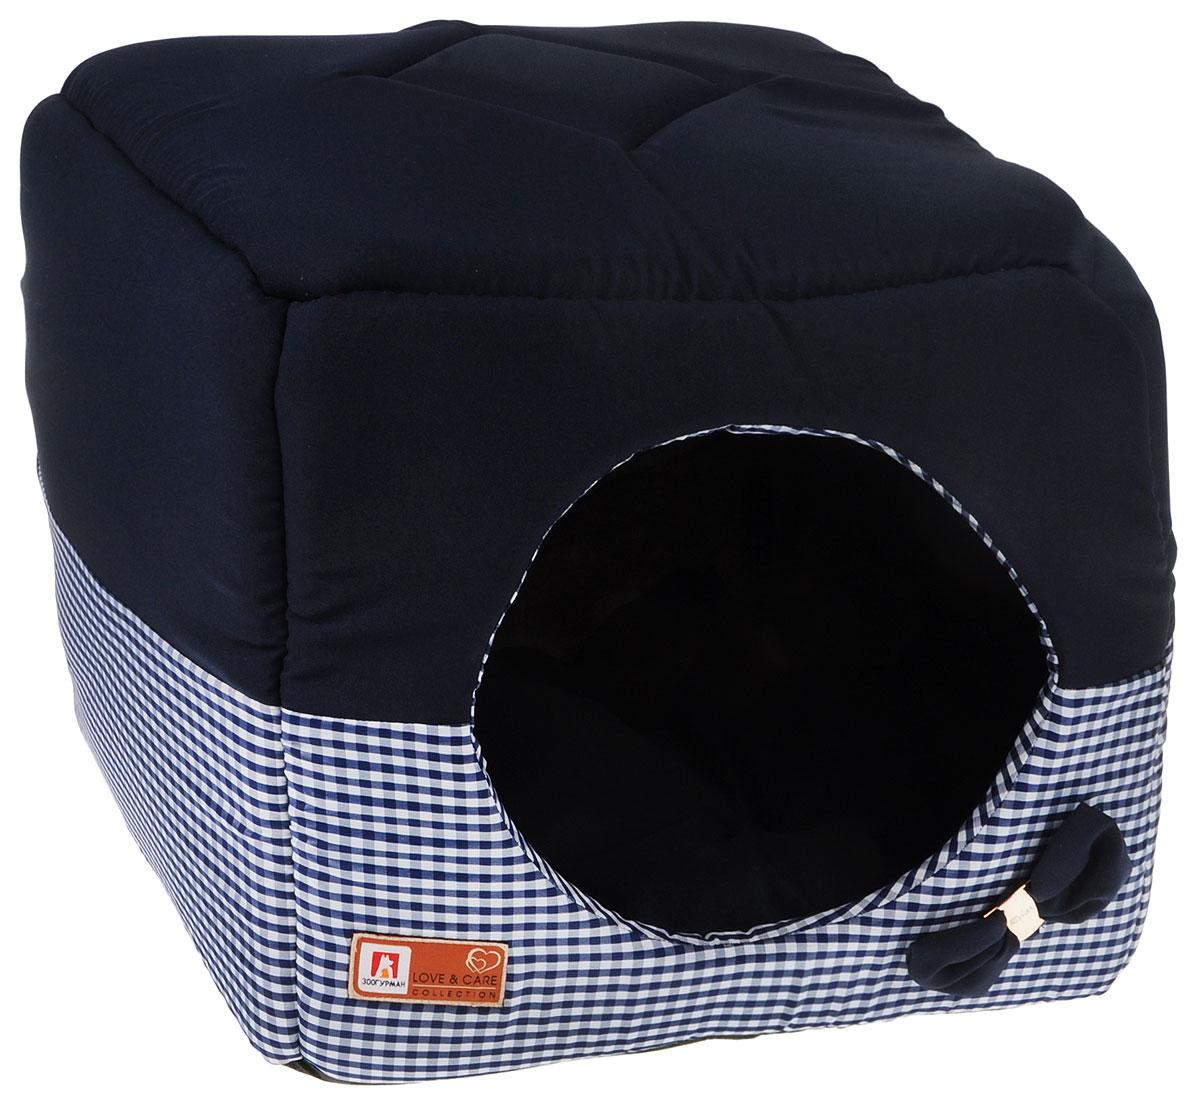 Лежак для собак и кошек Зоогурман Домосед, цвет: синий, 45 х 45 х 45 см2120Оригинальный и мягкий лежак для кошек и собак Зоогурман Домосед обязательно понравится вашему питомцу. Лежак выполнен из приятного материала. Уникальная конструкция лежака имеет два варианта использования:- лежанка, с высокими бортиками и мягкой внутренней подушкой, - закрытый домик с мягкой подушкой внутри.Универсальный лежак-трансформер непременно понравится вашему питомцу, подарит ему ощущение уюта и комфорта.В комплекте со съемной подушкой мягкая игрушка «косточка».За изделием легко ухаживать, можно стирать вручную или в стиральной машине при температуре 40°С. Материал: микро волоконная шерстяная ткань.Наполнитель: гипоаллергенное синтетическое волокно. Наполнитель матрасика: шерсть.Размер: 45 см х 45 см х 45 см.Размер лежанки: 45 см х 20 см х 45 см.